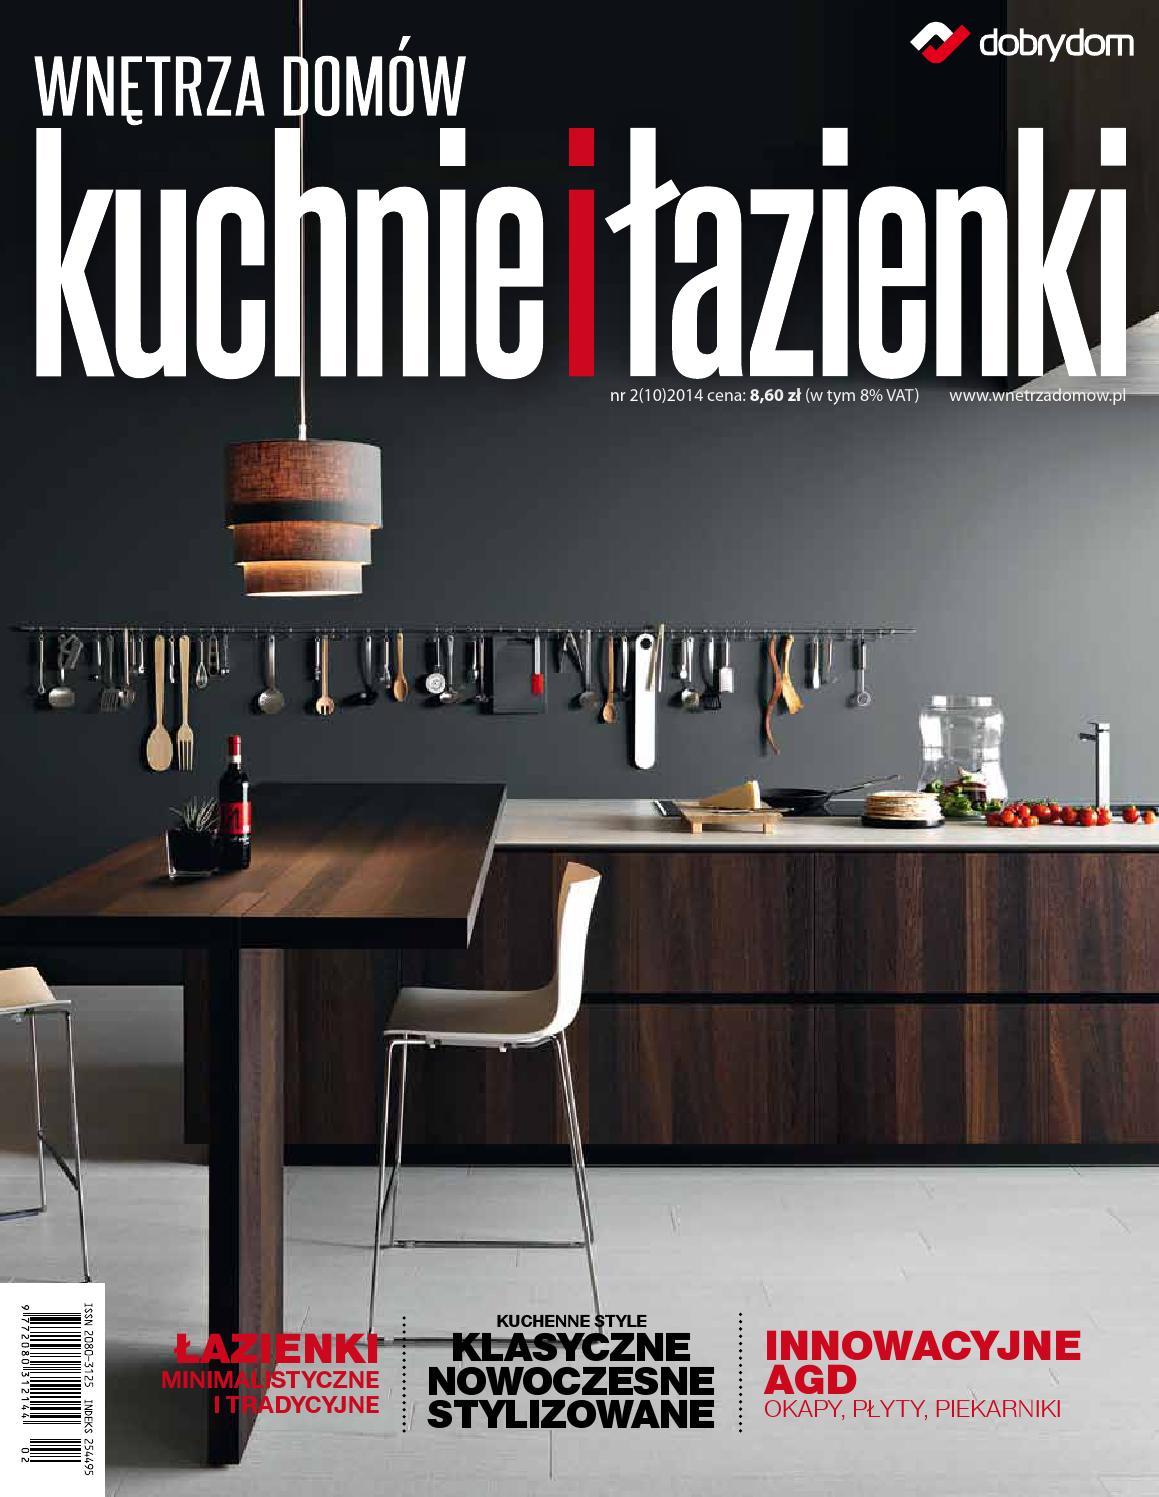 Ikea kuchnie i agd 2015 do23 07 15 by finmarket   issuu